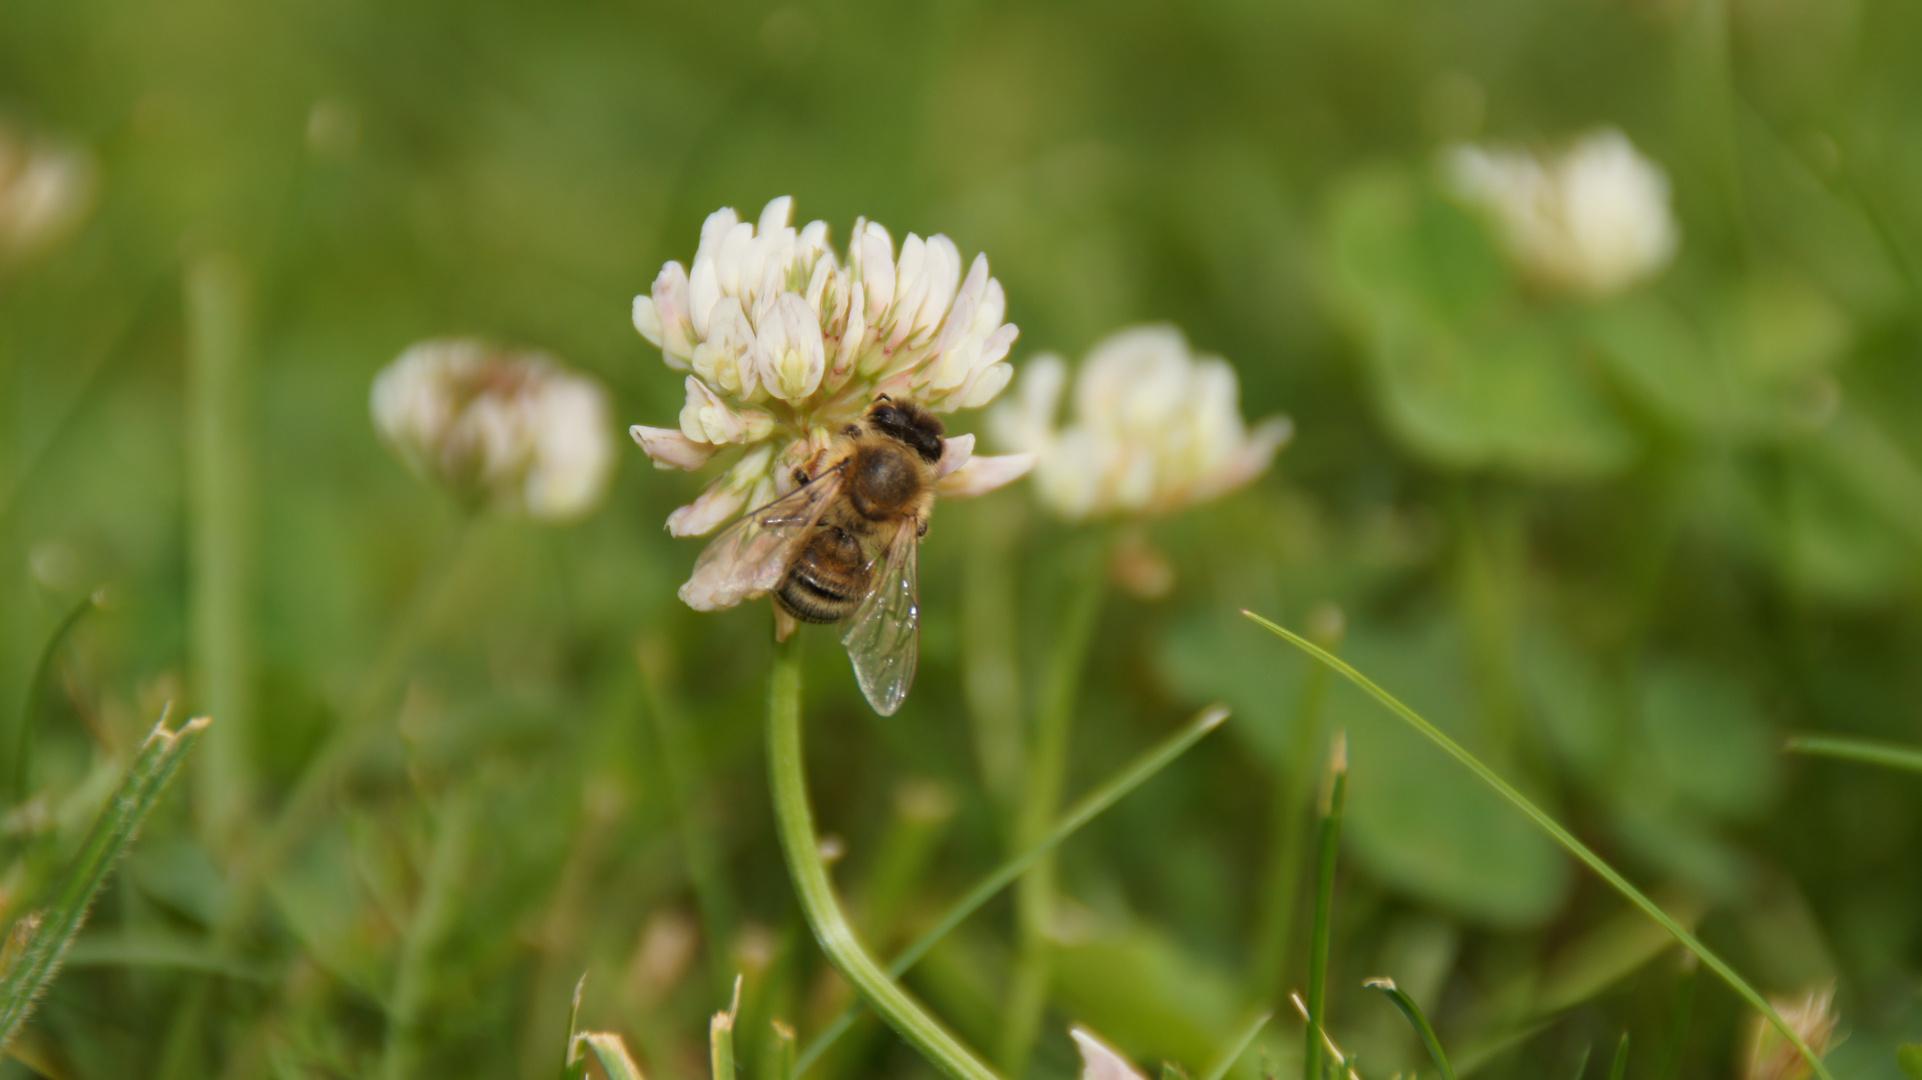 und diese Biene die ich meine nennt sich Maja....